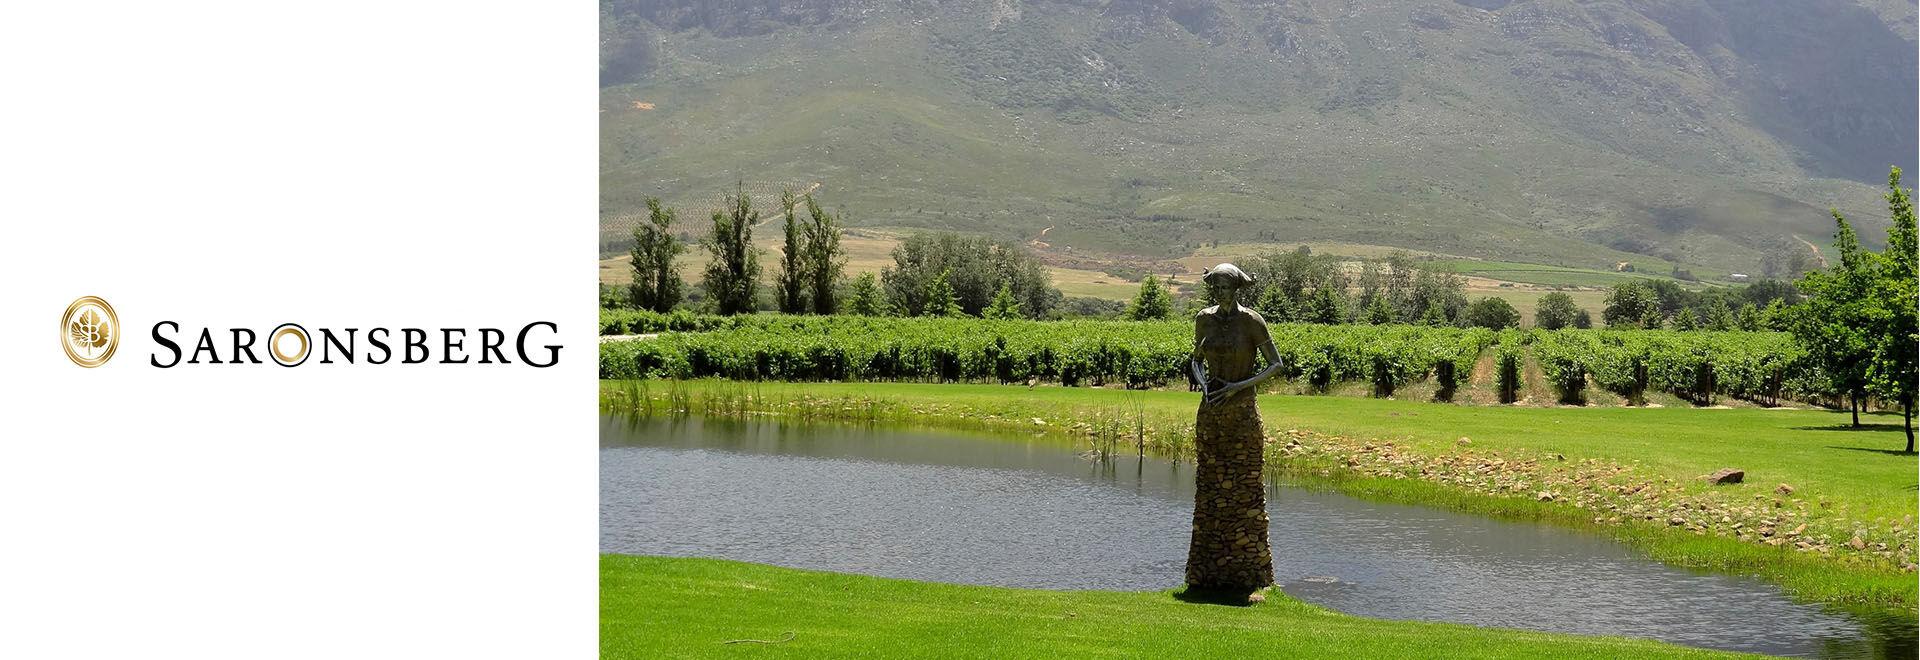 Dél-Afrikai borok - Saronsberg borok